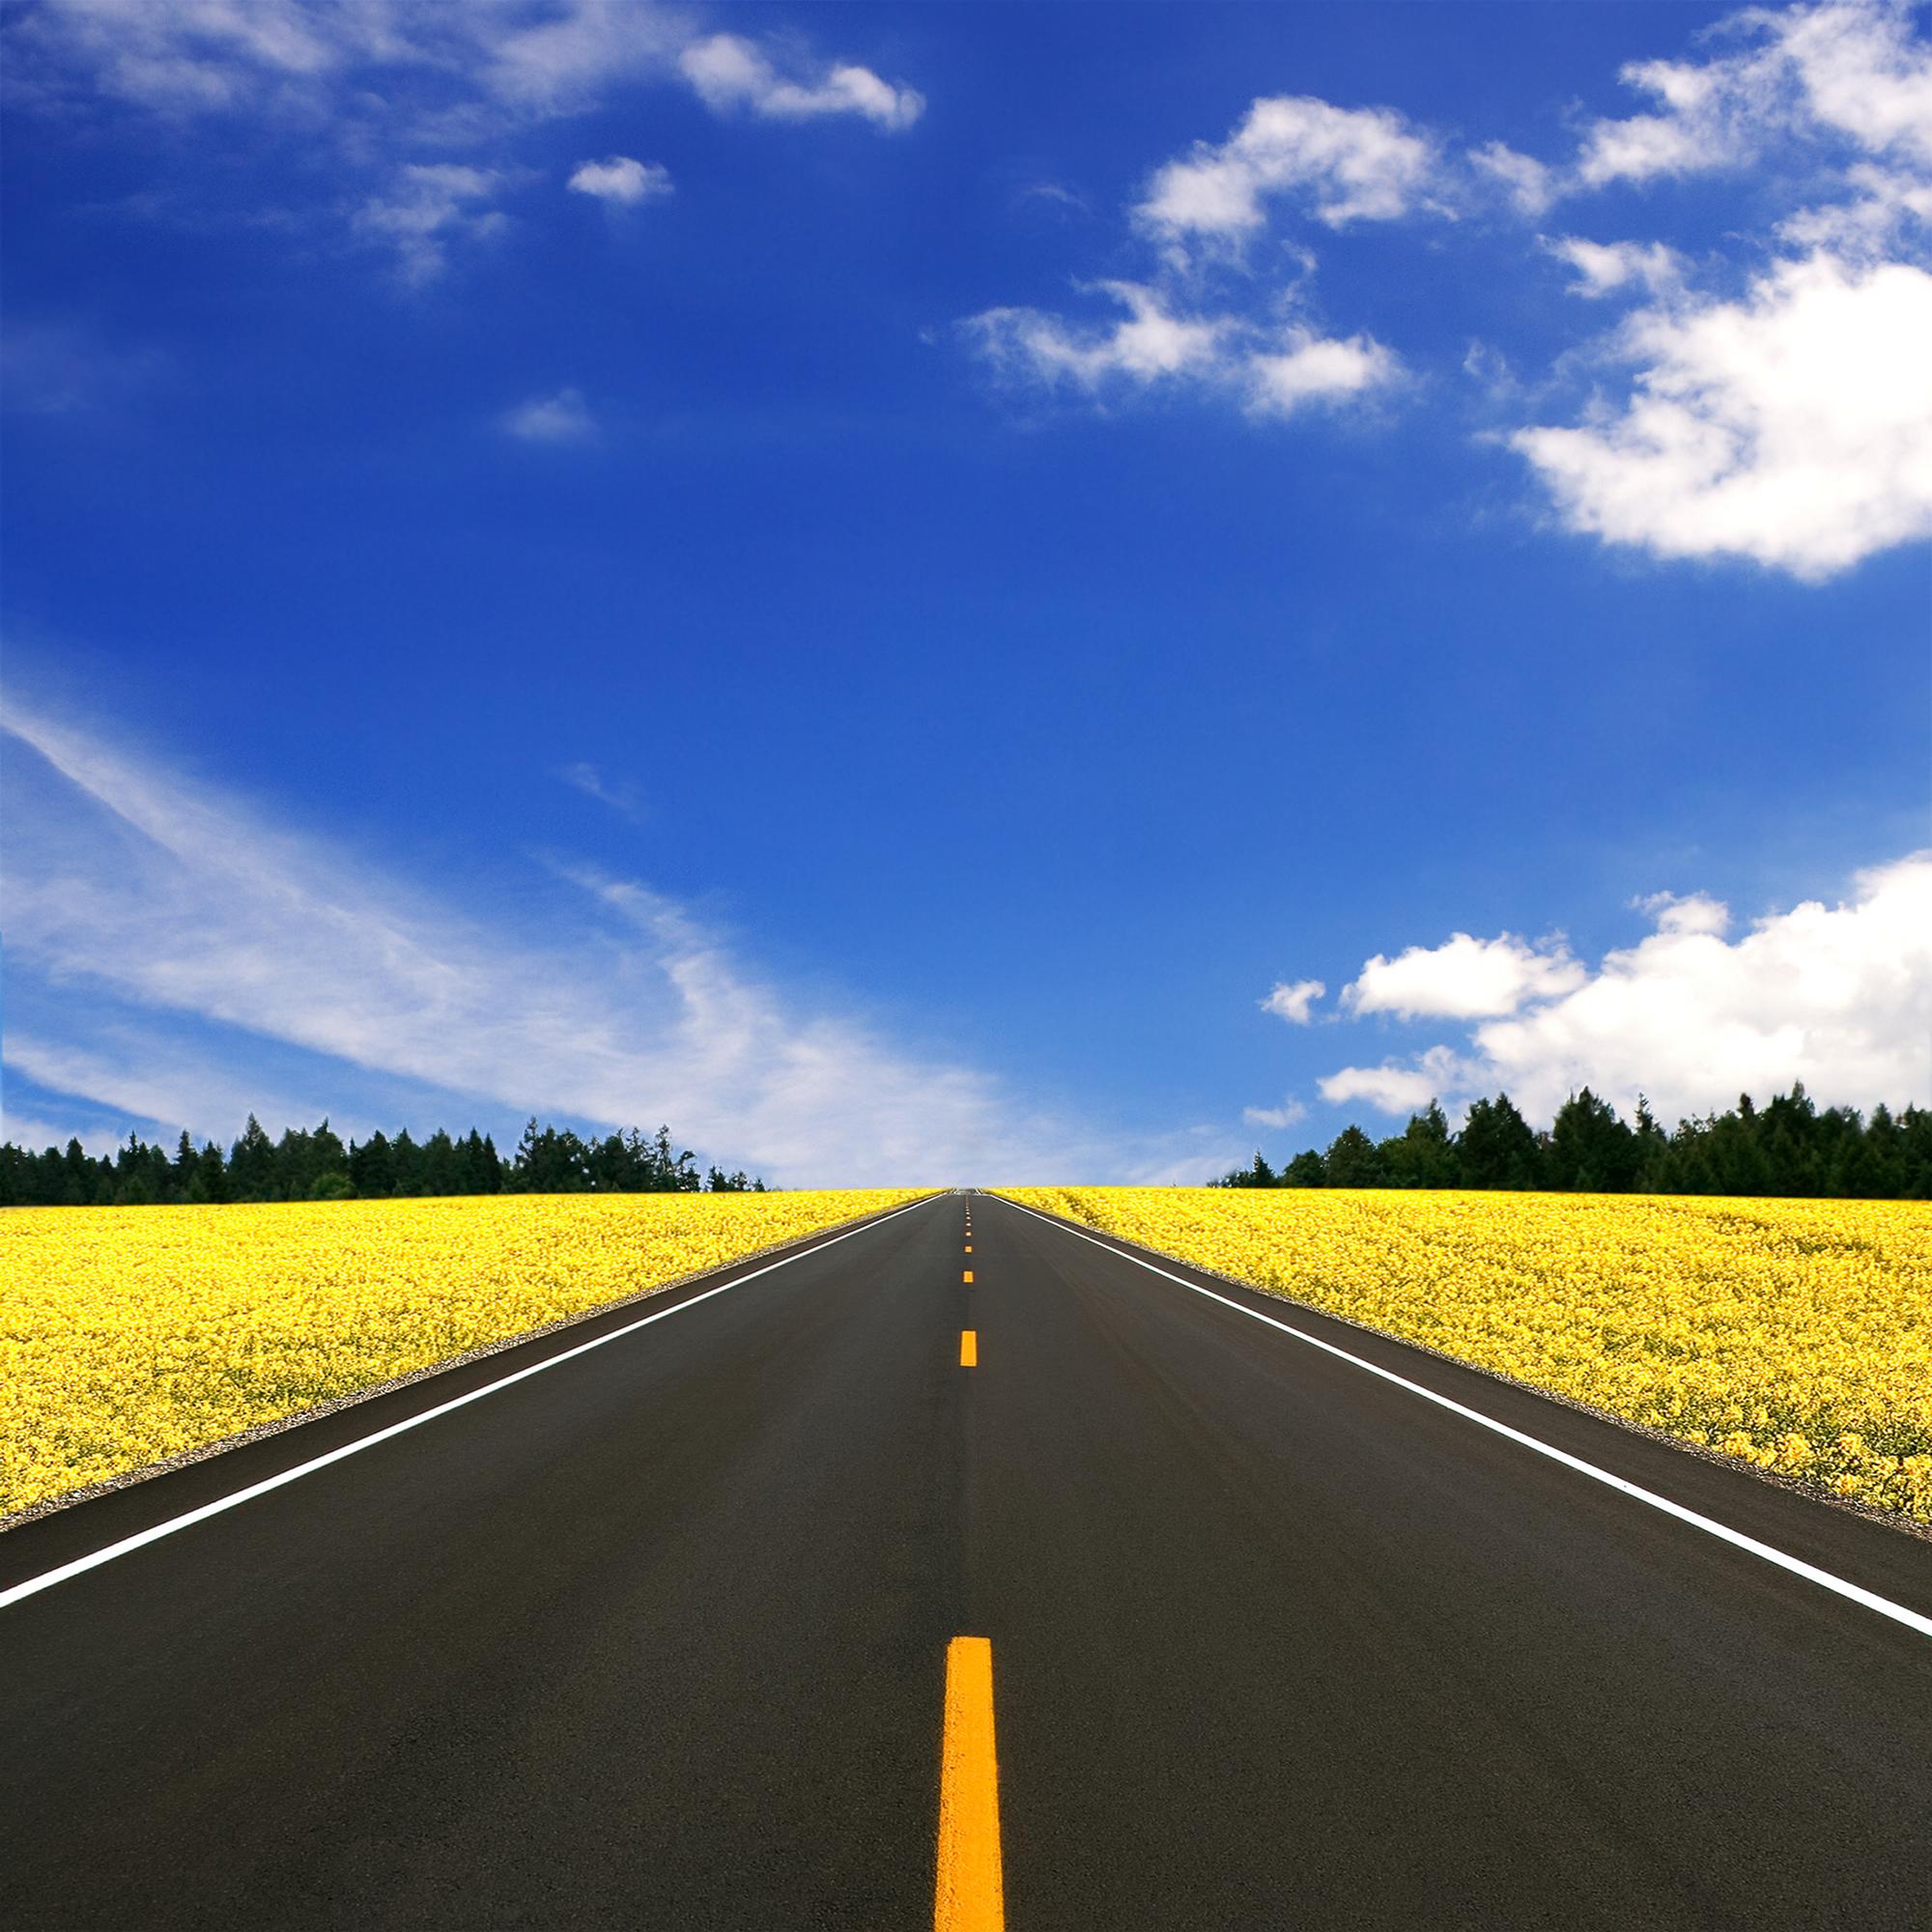 Прямая дорога, поля цветов, фото, обои для рабочего стола